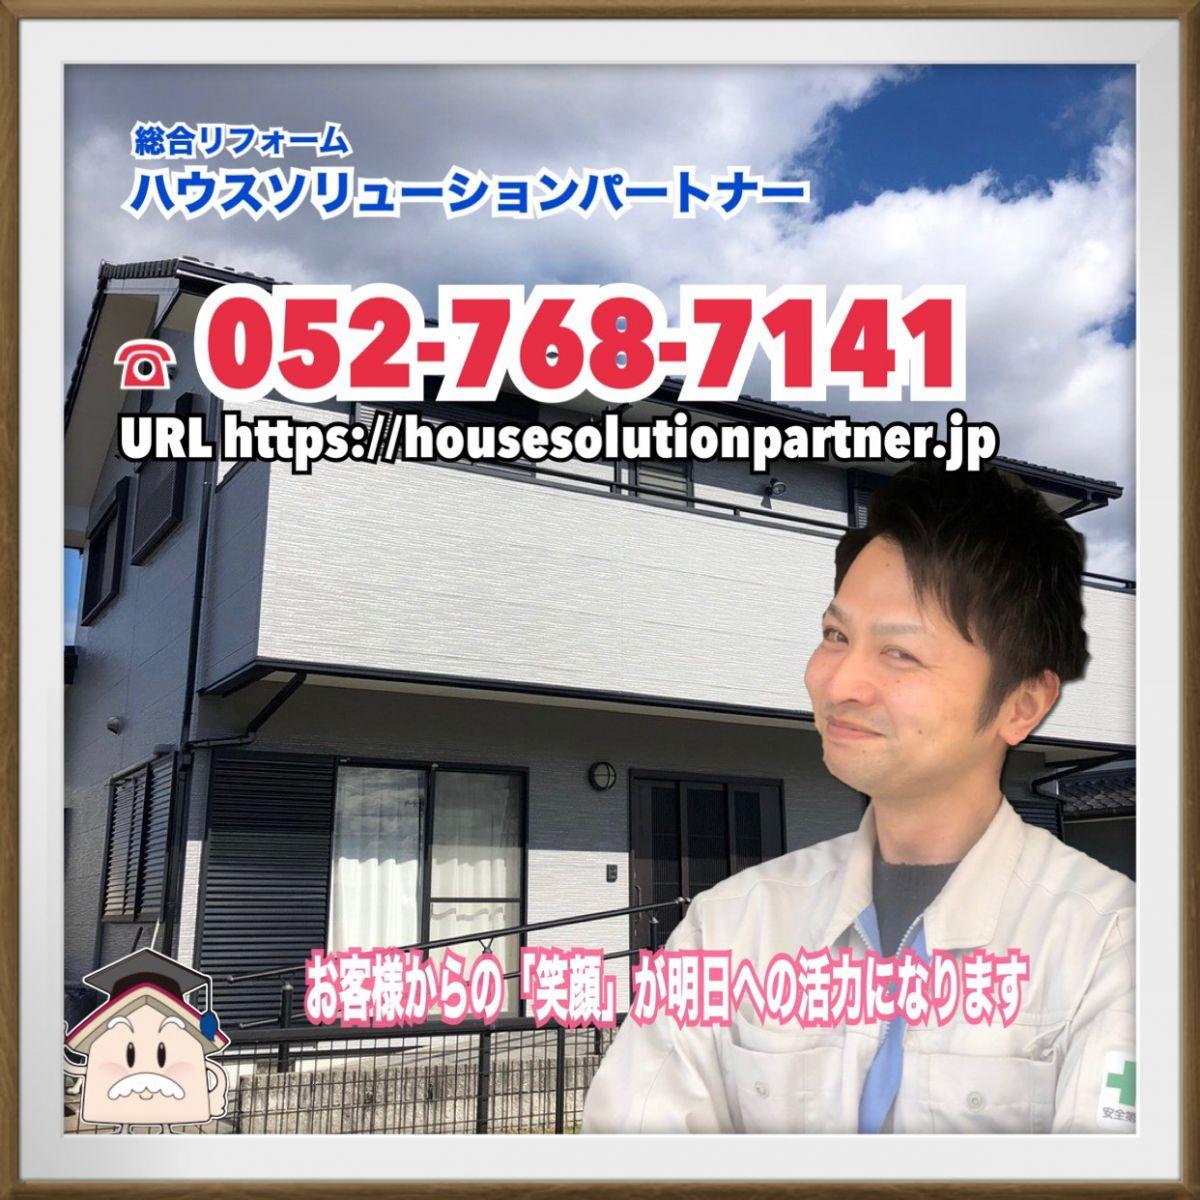 jirei_image53471